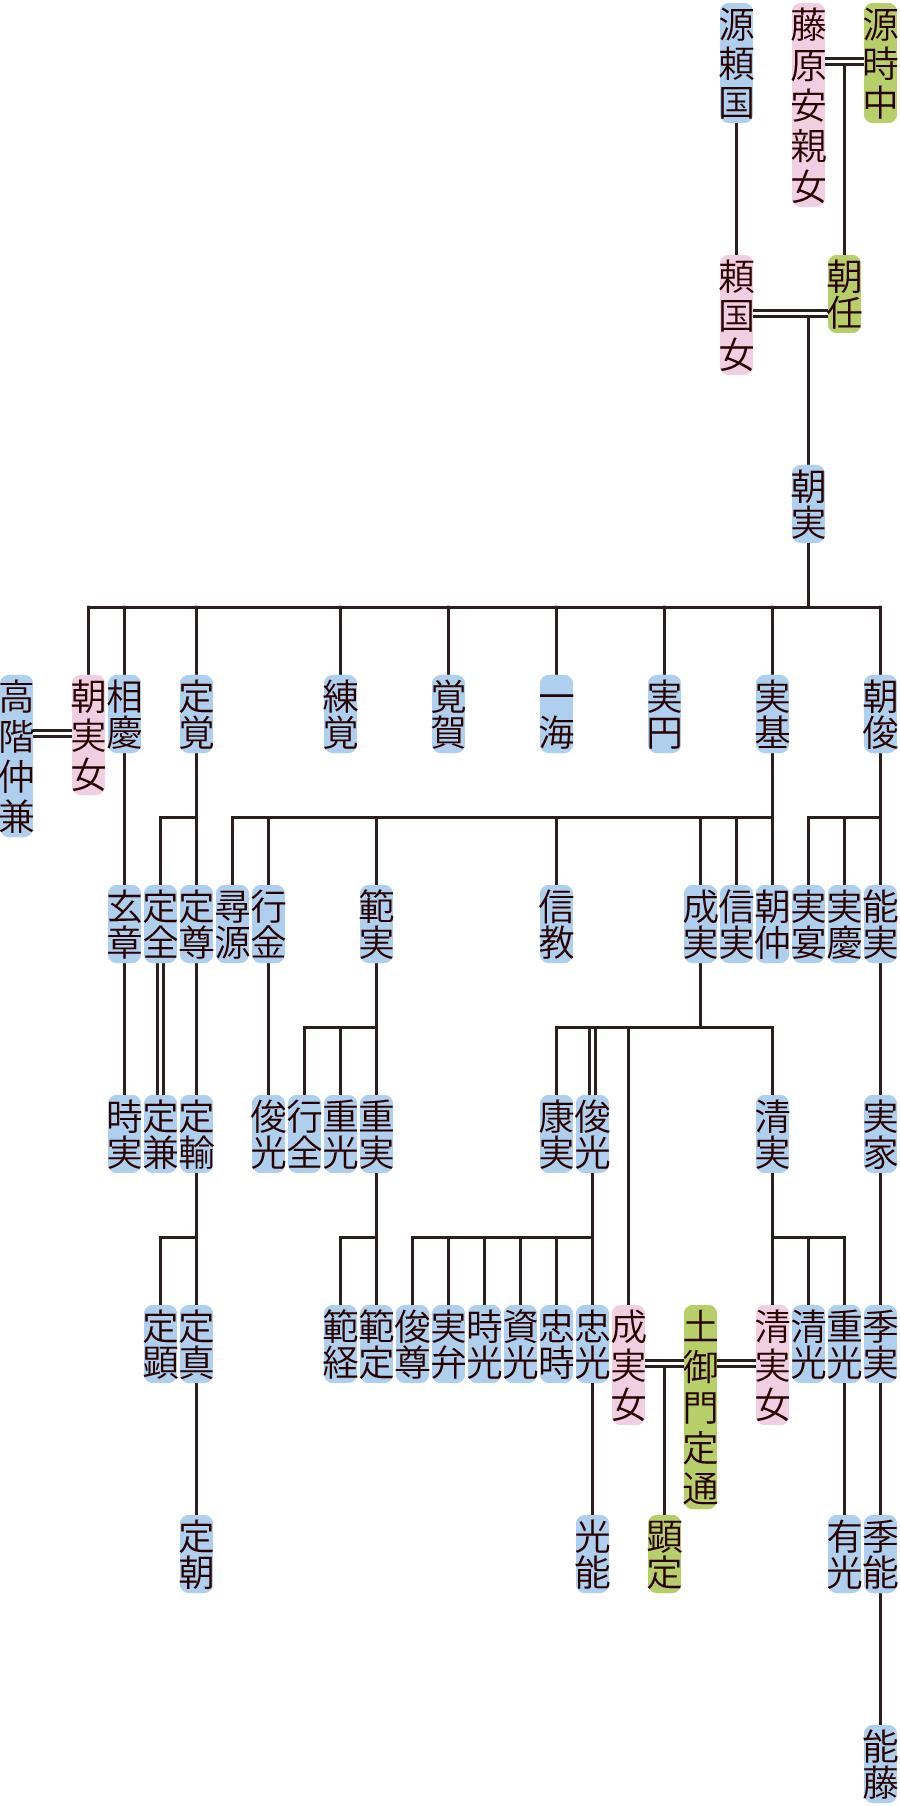 源朝実の系図